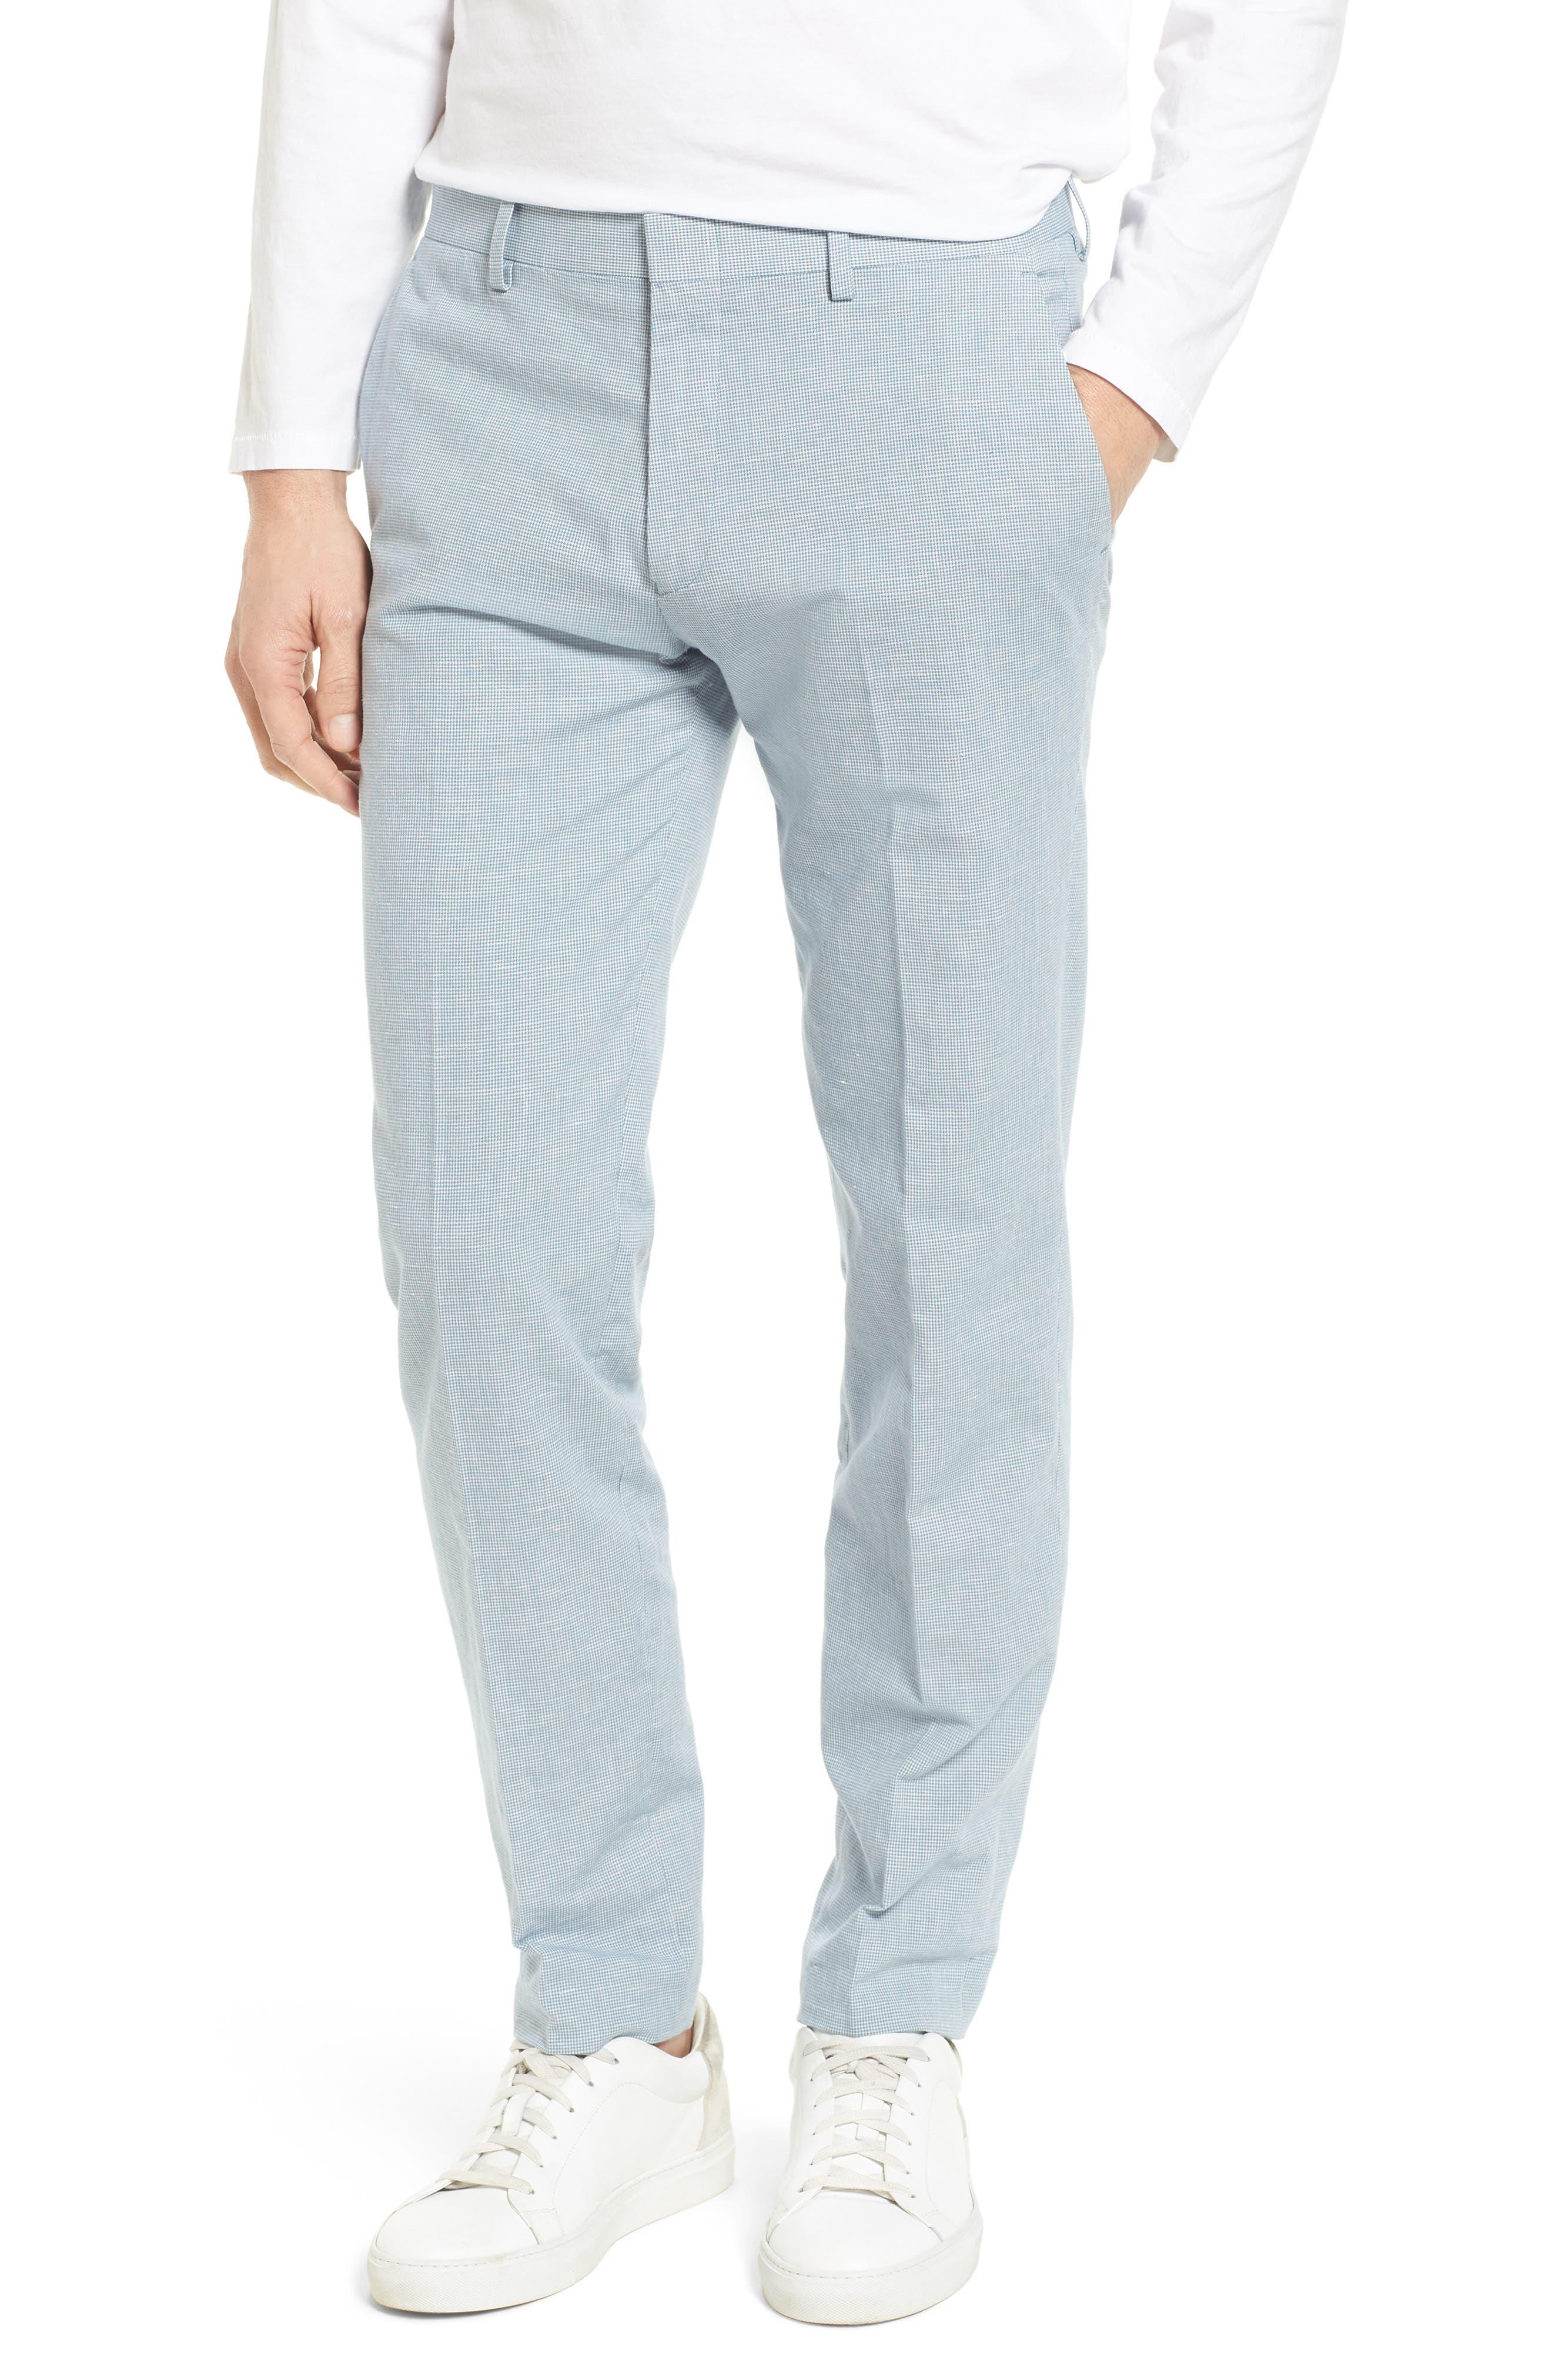 J.Crew Ludlow Trim Fit Houndstooth Cotton & Linen Suit Pants,                             Main thumbnail 1, color,                             Light Blue